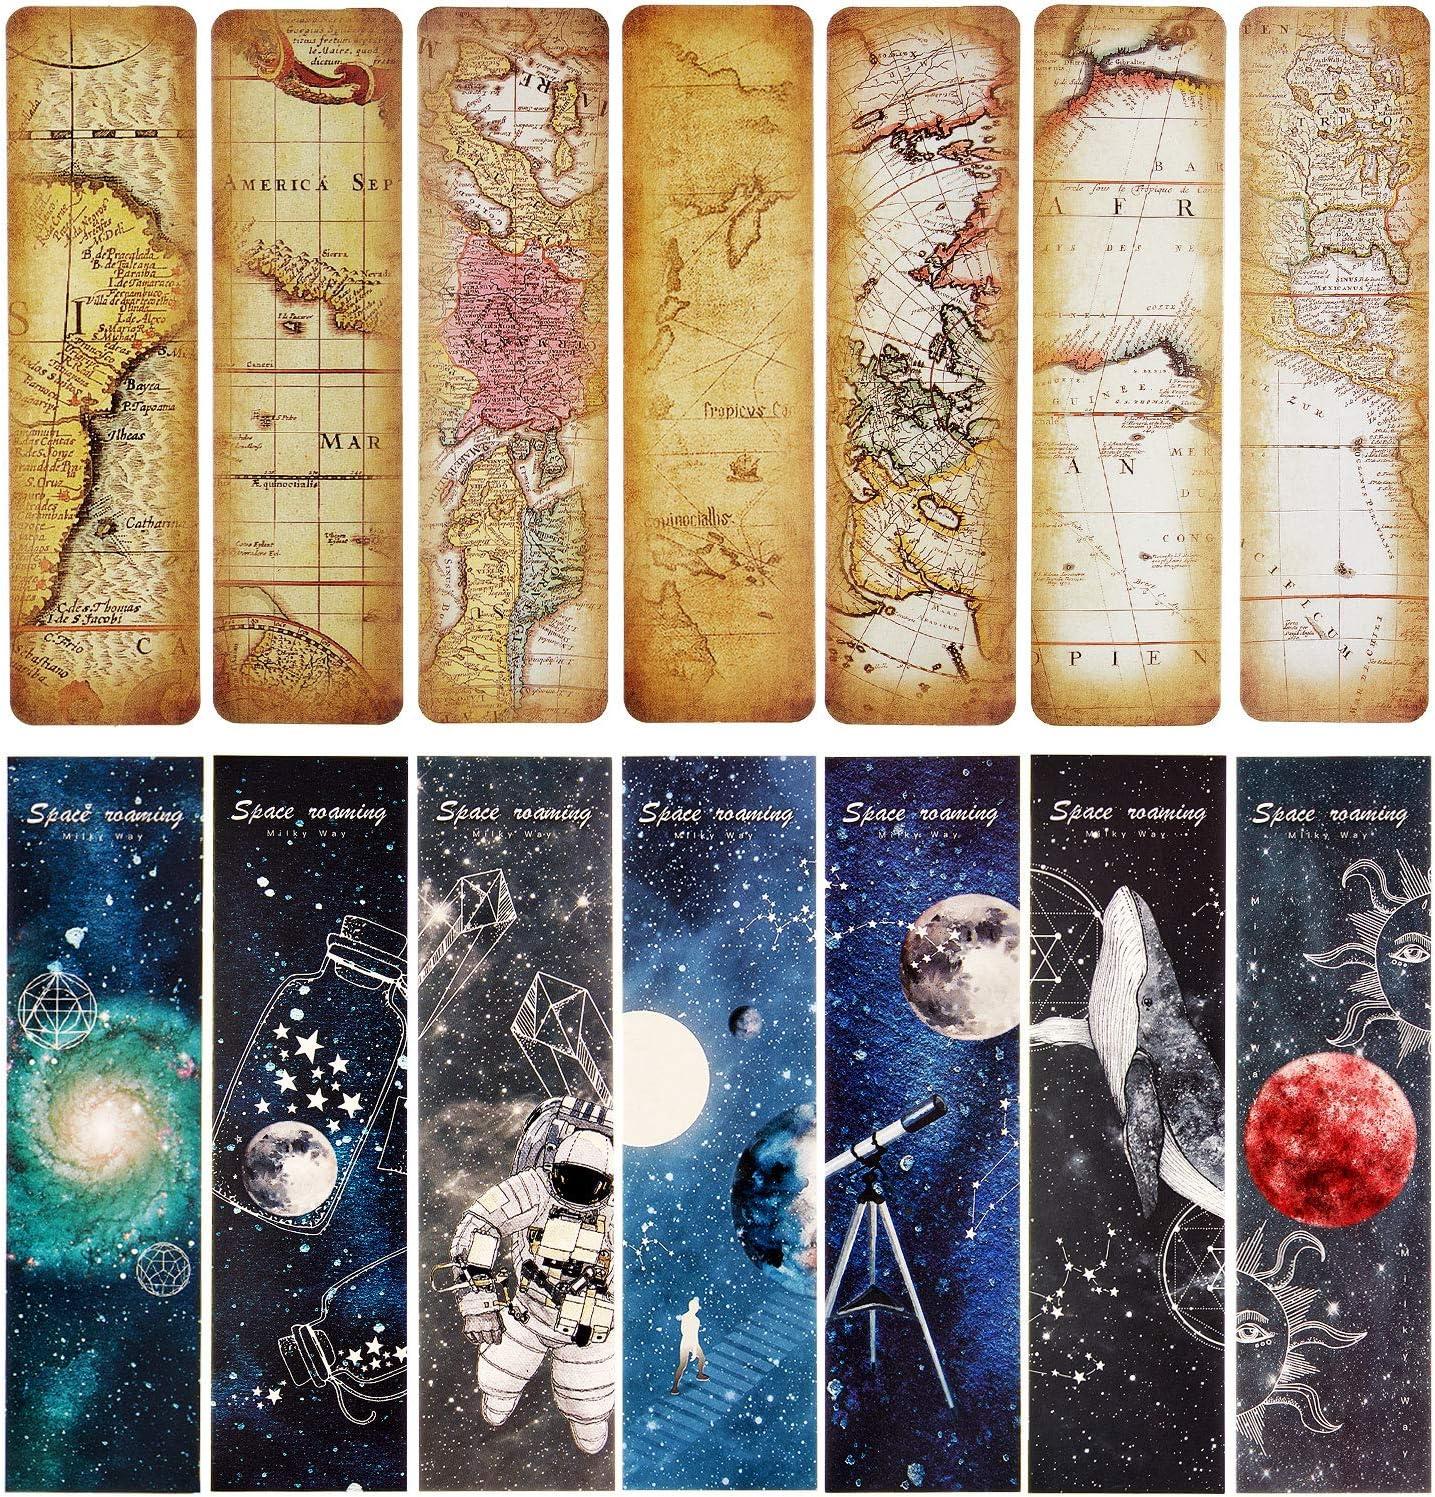 60 Piezas Marcadores de Libro de Itinerancia Espacial Marcapaginas de Estilo Vintage Cartón Retro Marcadores de Libro de Itinerancia para Oficina Estudiantes (Estilo Conjunto 1)